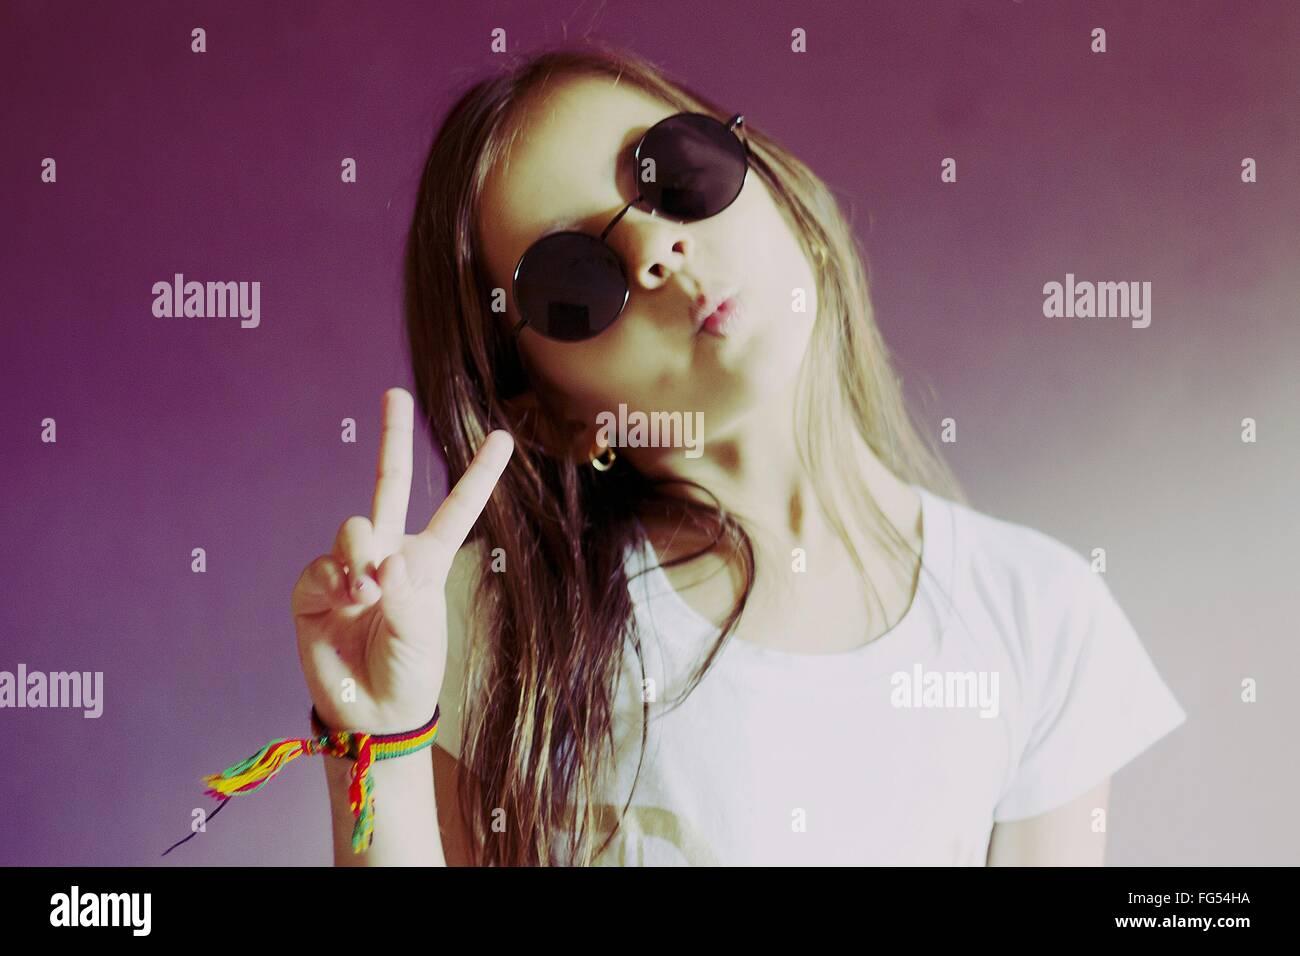 Retrato de chica con gafas Retro gesticulando signo de paz contra la pared en casa Imagen De Stock